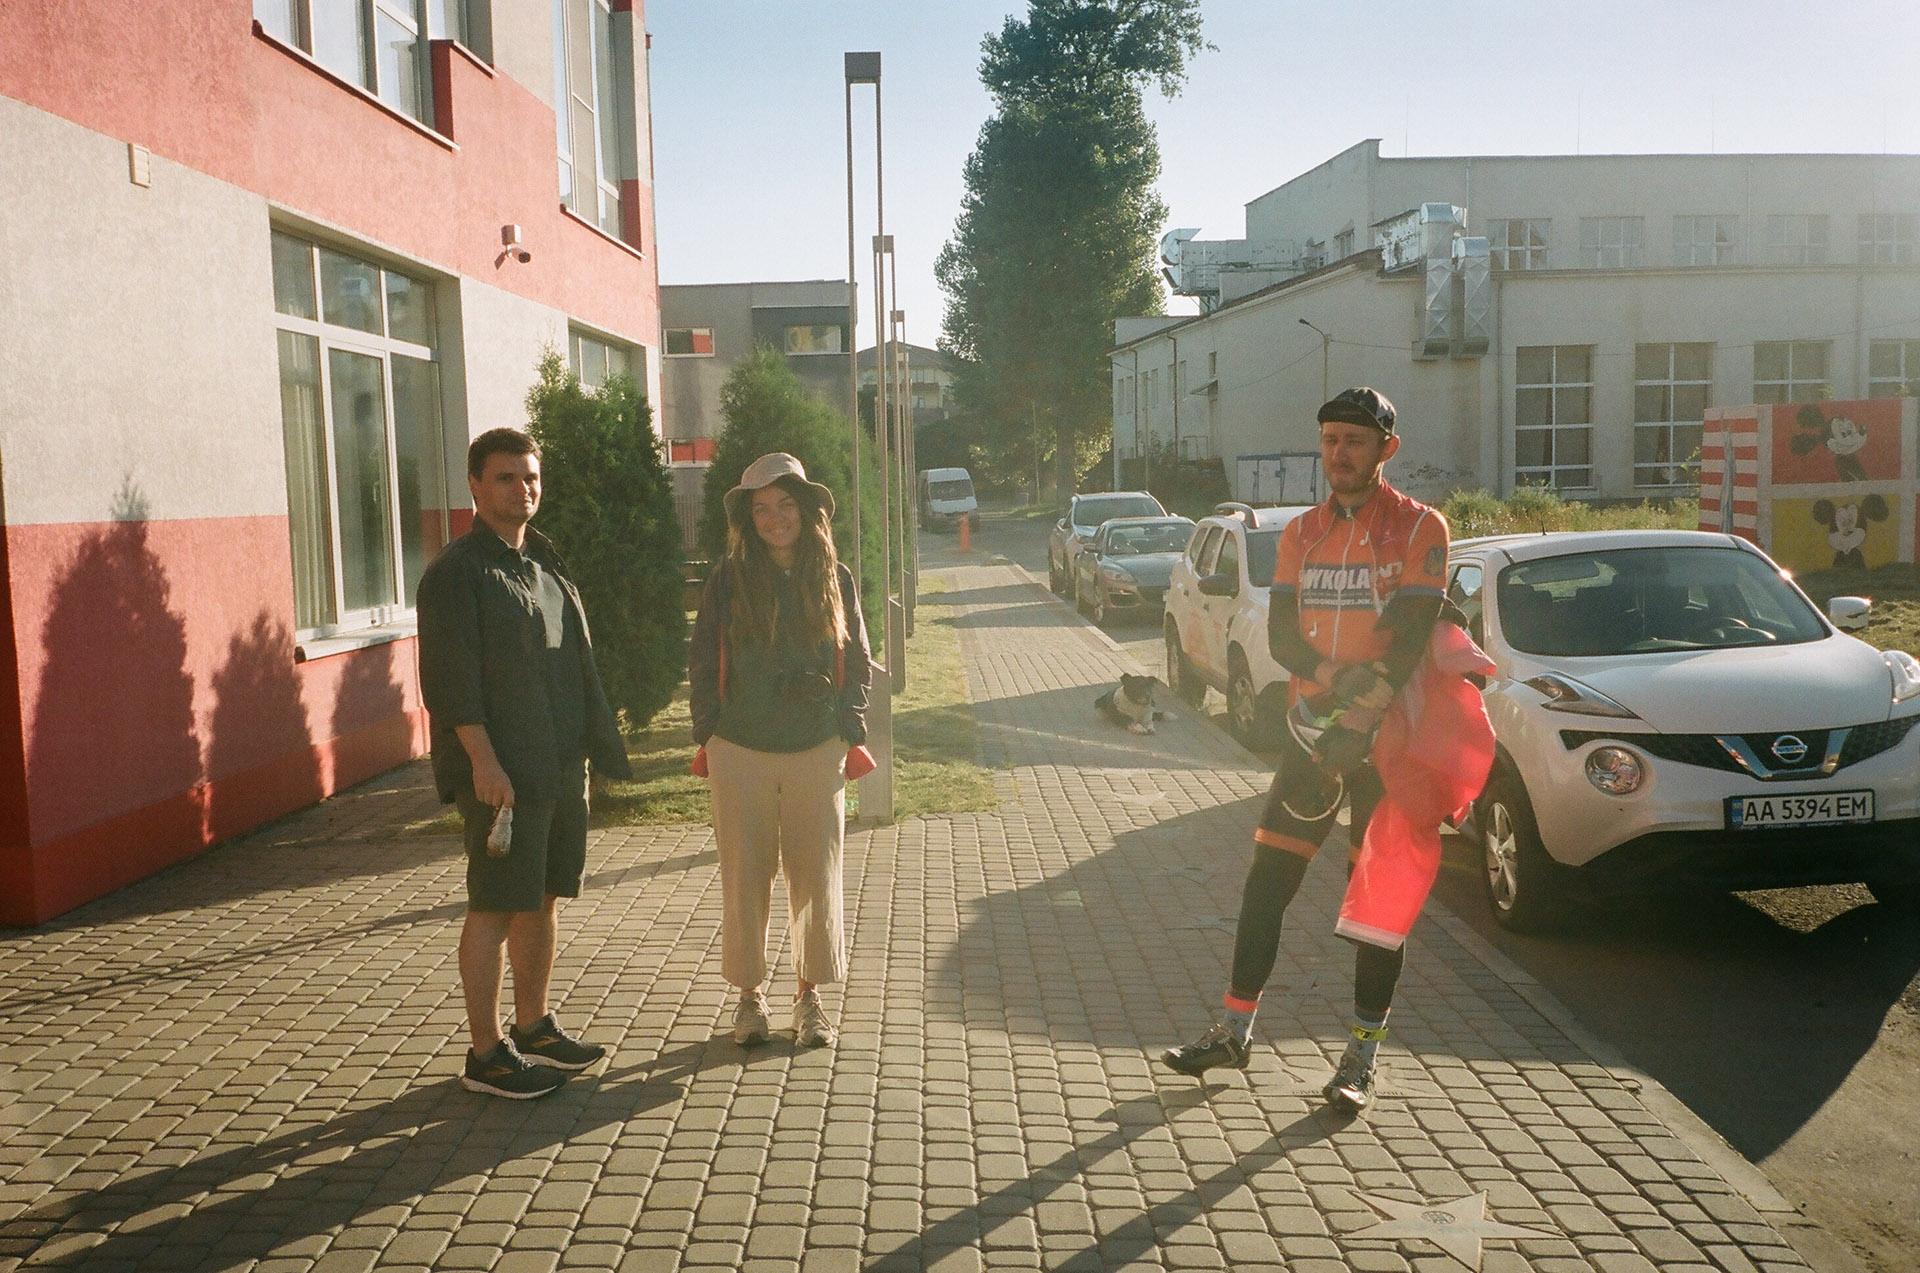 Група людей, що стоять на тротуарі